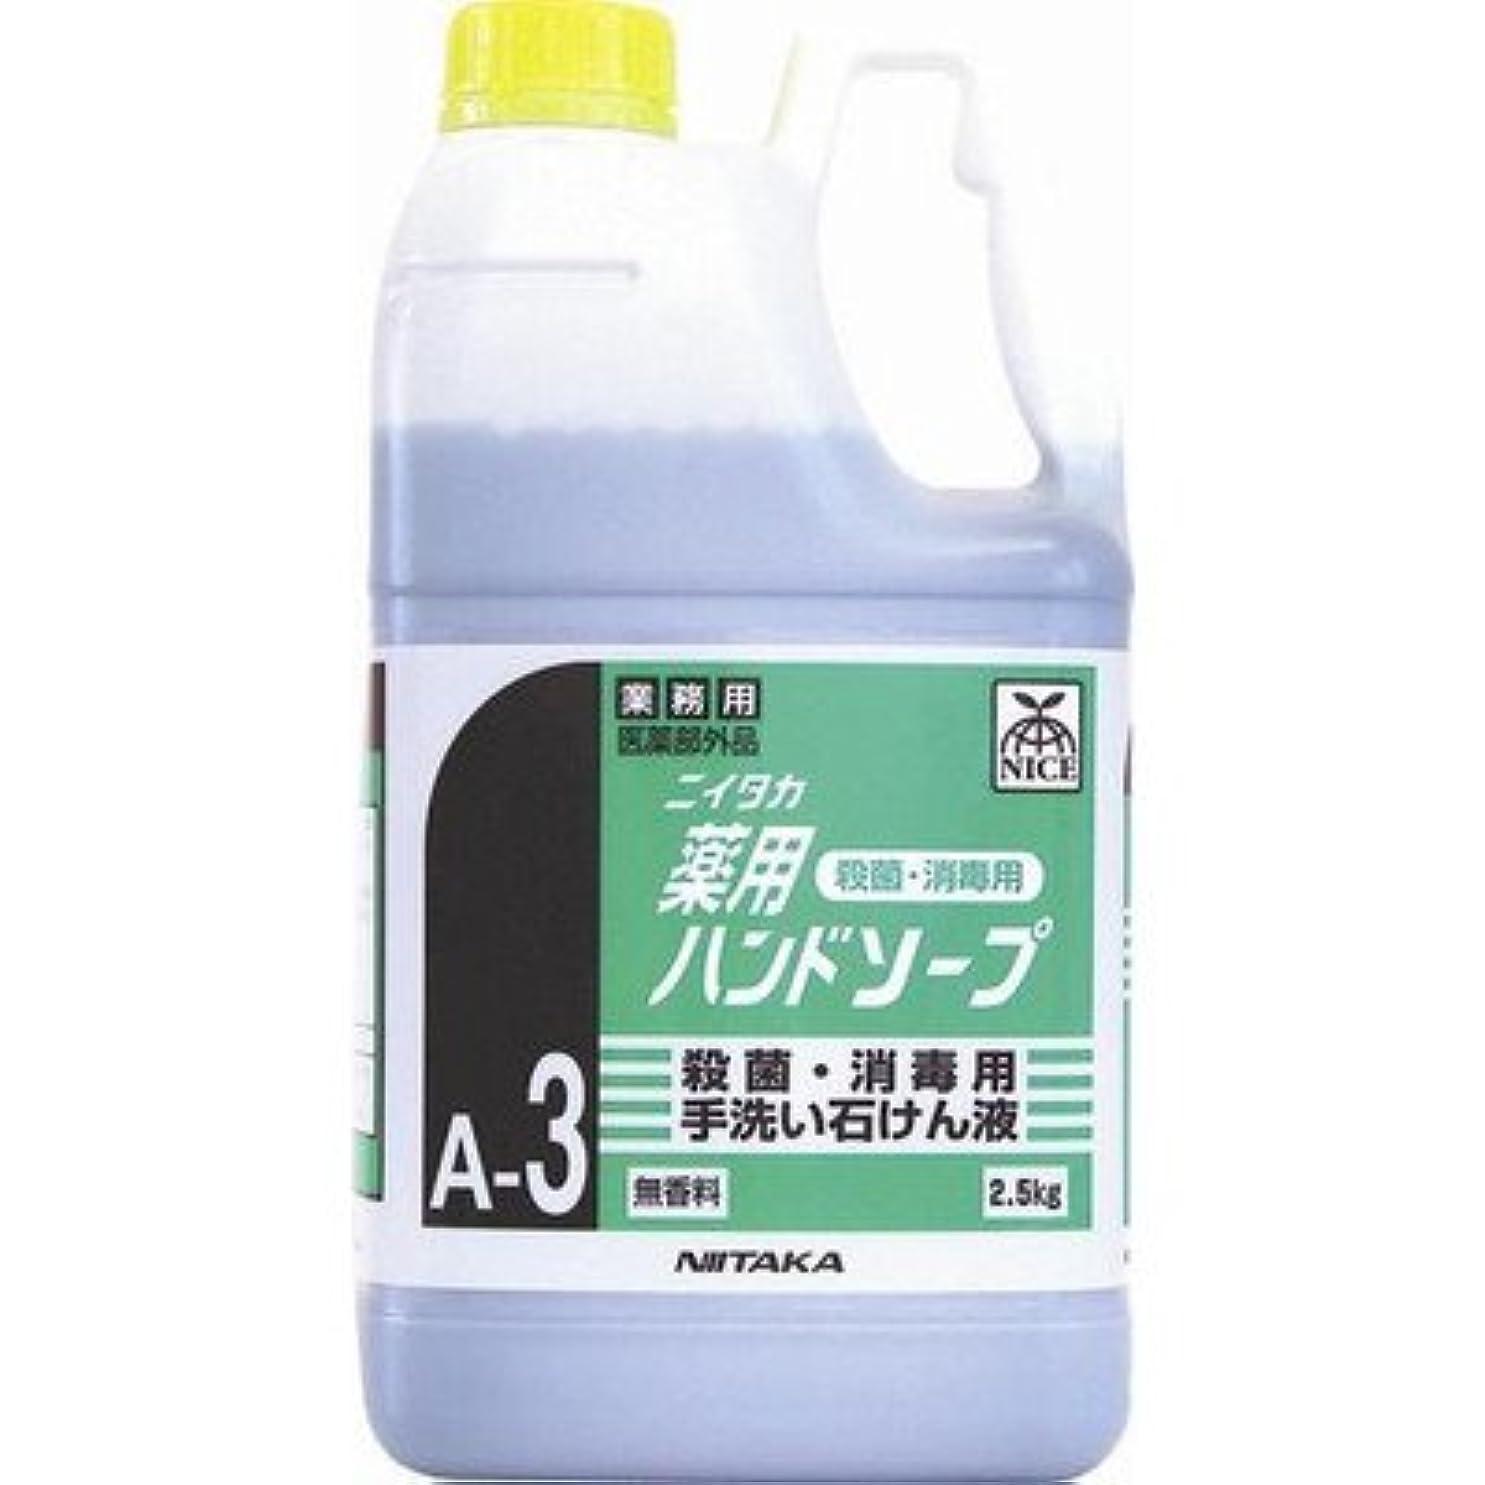 免疫するリフト商標ニイタカ 業務用手洗い石けん液 薬用ハンドソープ(A-3) 2.5kg×6本